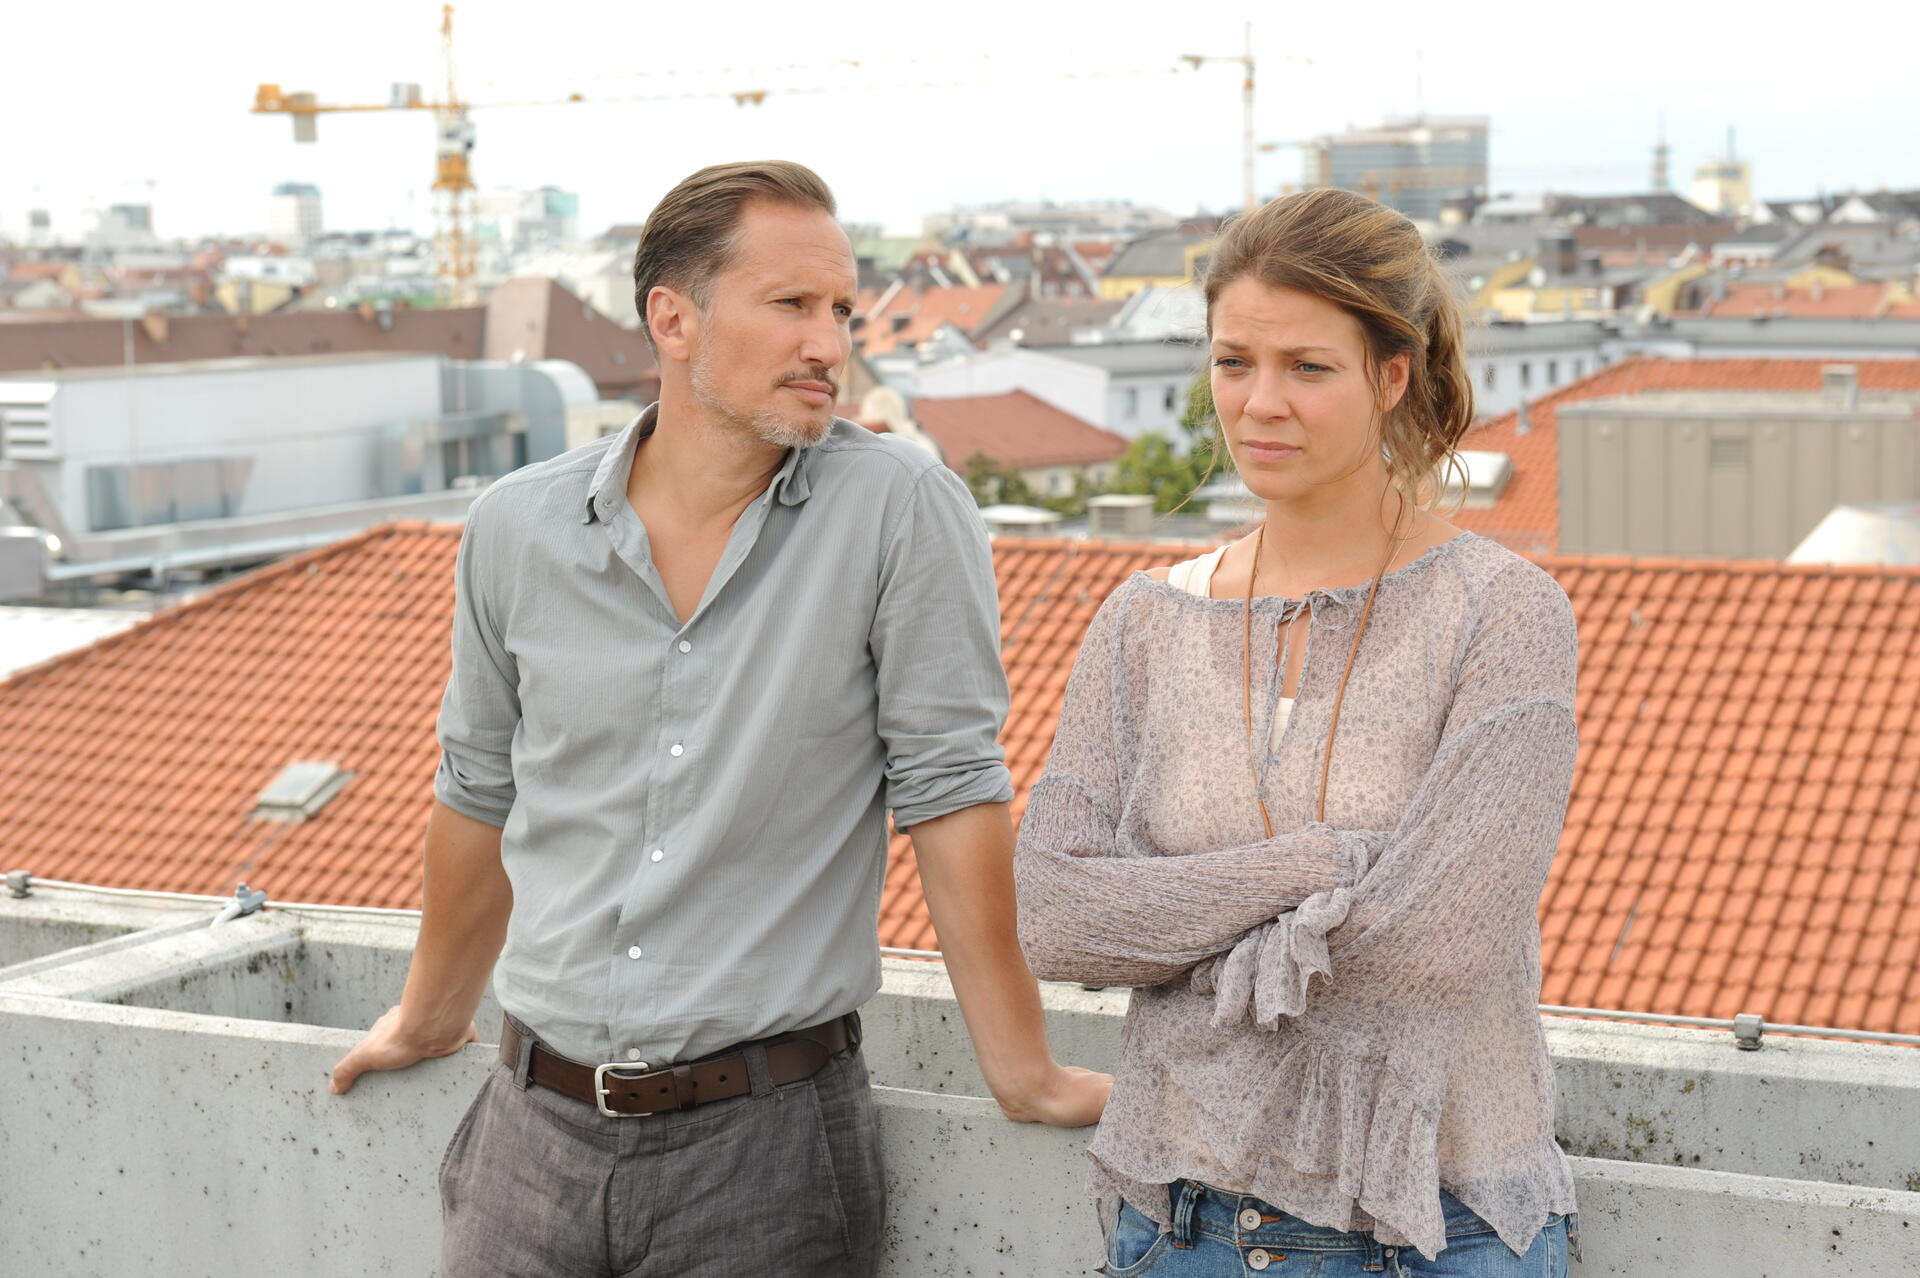 Zweimal zweites Leben | Bild 5 von 15 | moviepilot.de